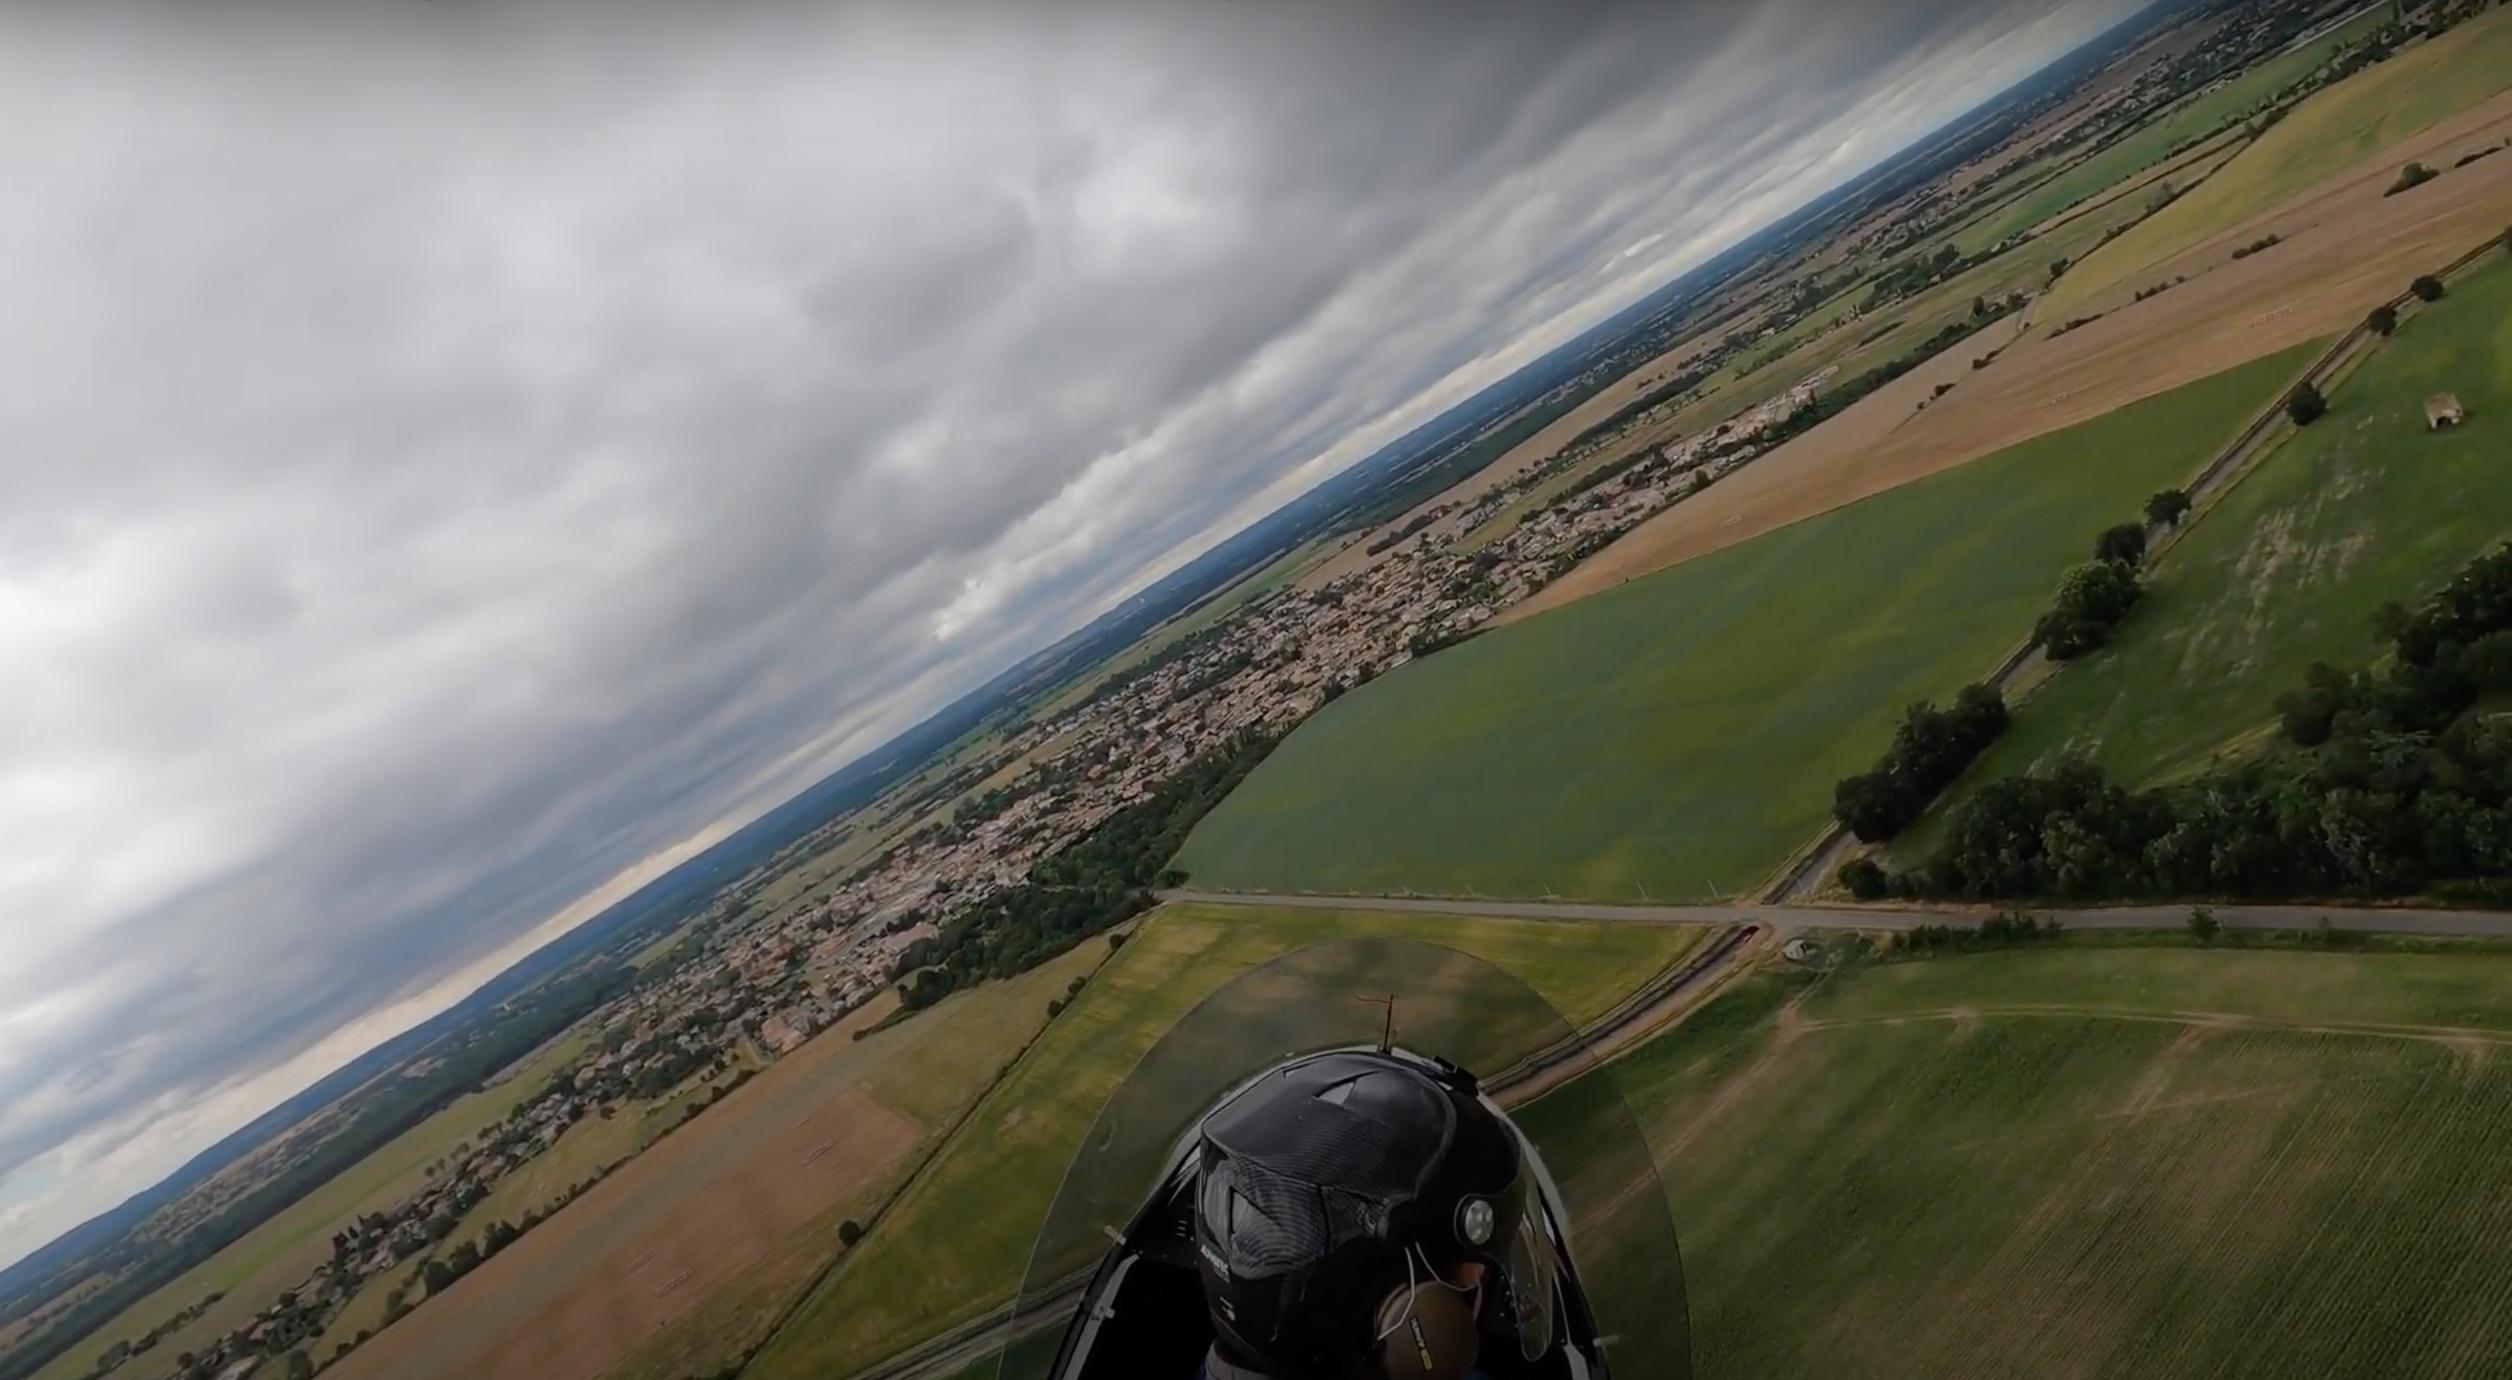 Motorschaden-Training bei 500 Fuß AGL beim ersten Anstieg.